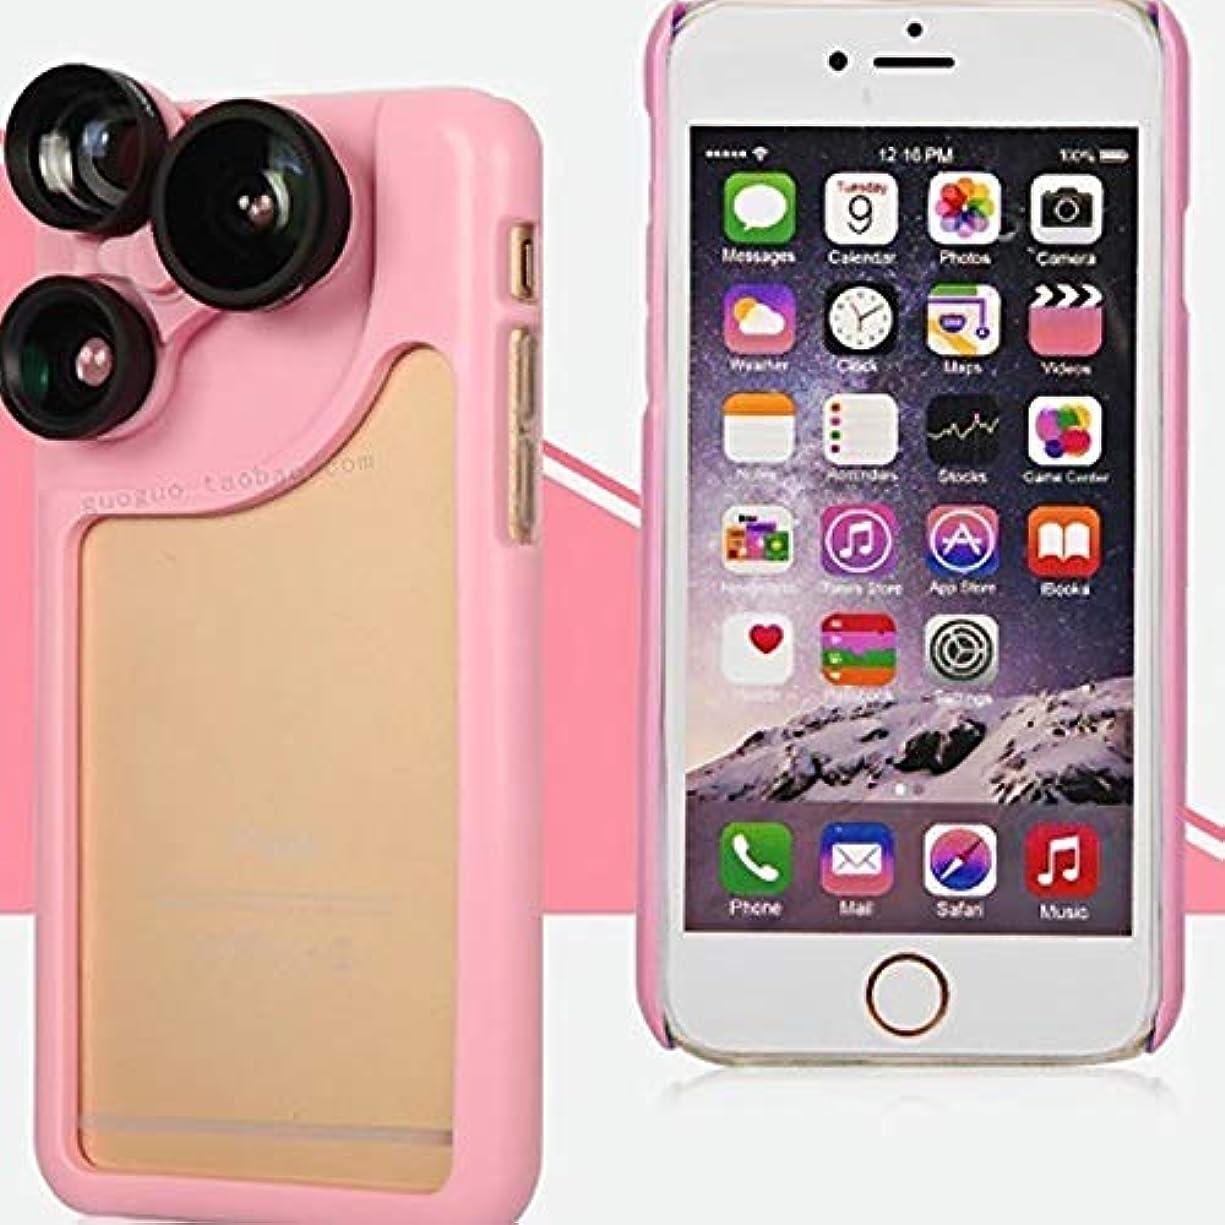 現実には多数ののスコアJicorzo - 4 iphone 6S 6プラスPC +シリコーン写真シェル保護Retaill包装ボックスの1のカメラレンズカバーケースで